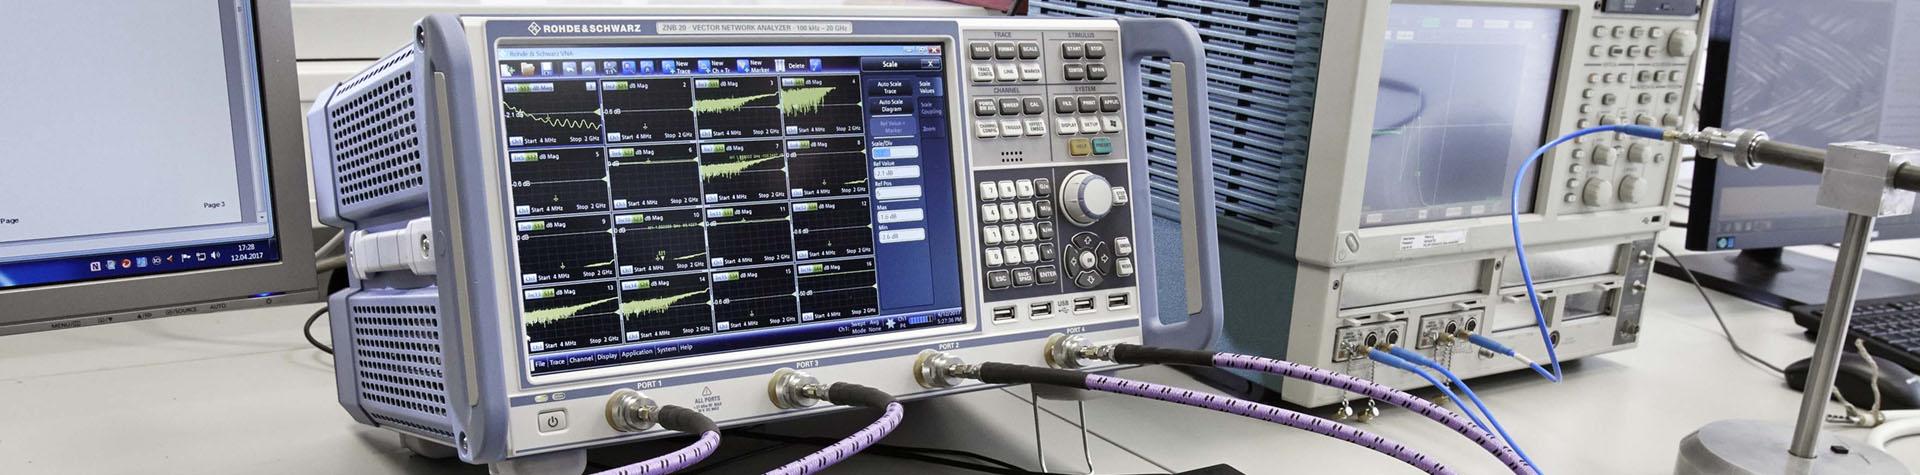 Technik Labor mit diversen Kabeln